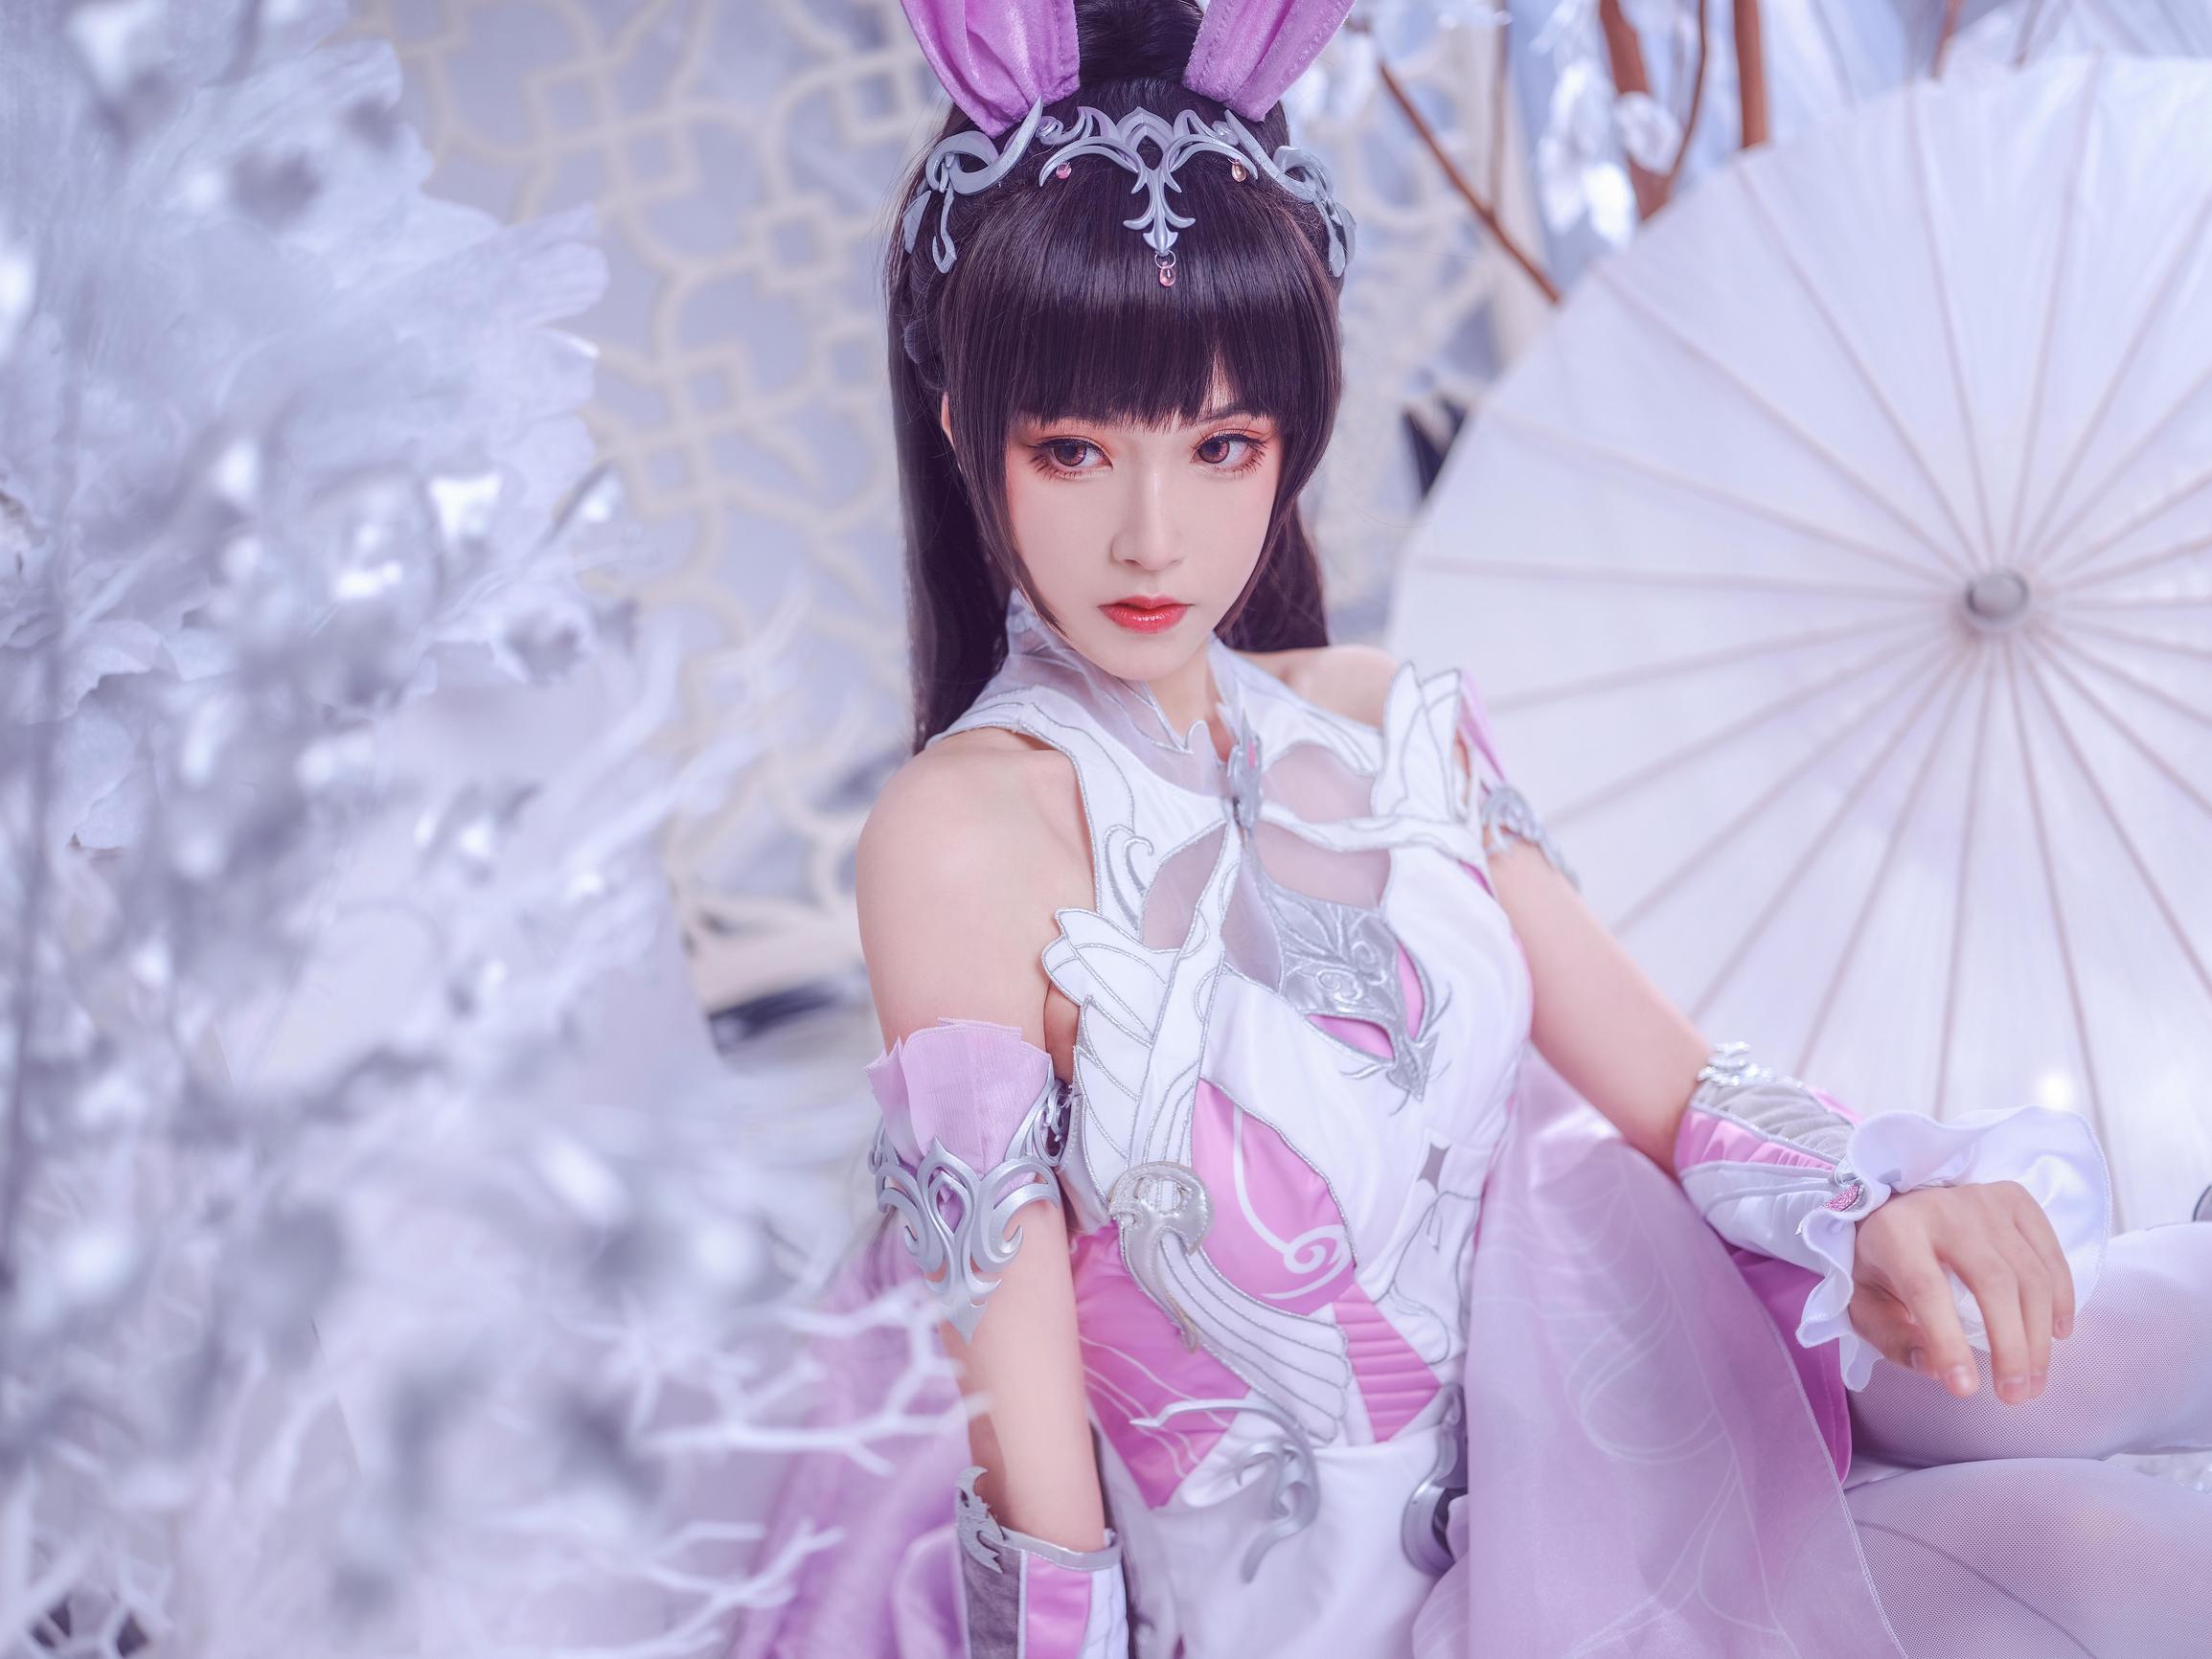 《斗罗大陆》小舞cosplay【CN:君珺un】-第3张